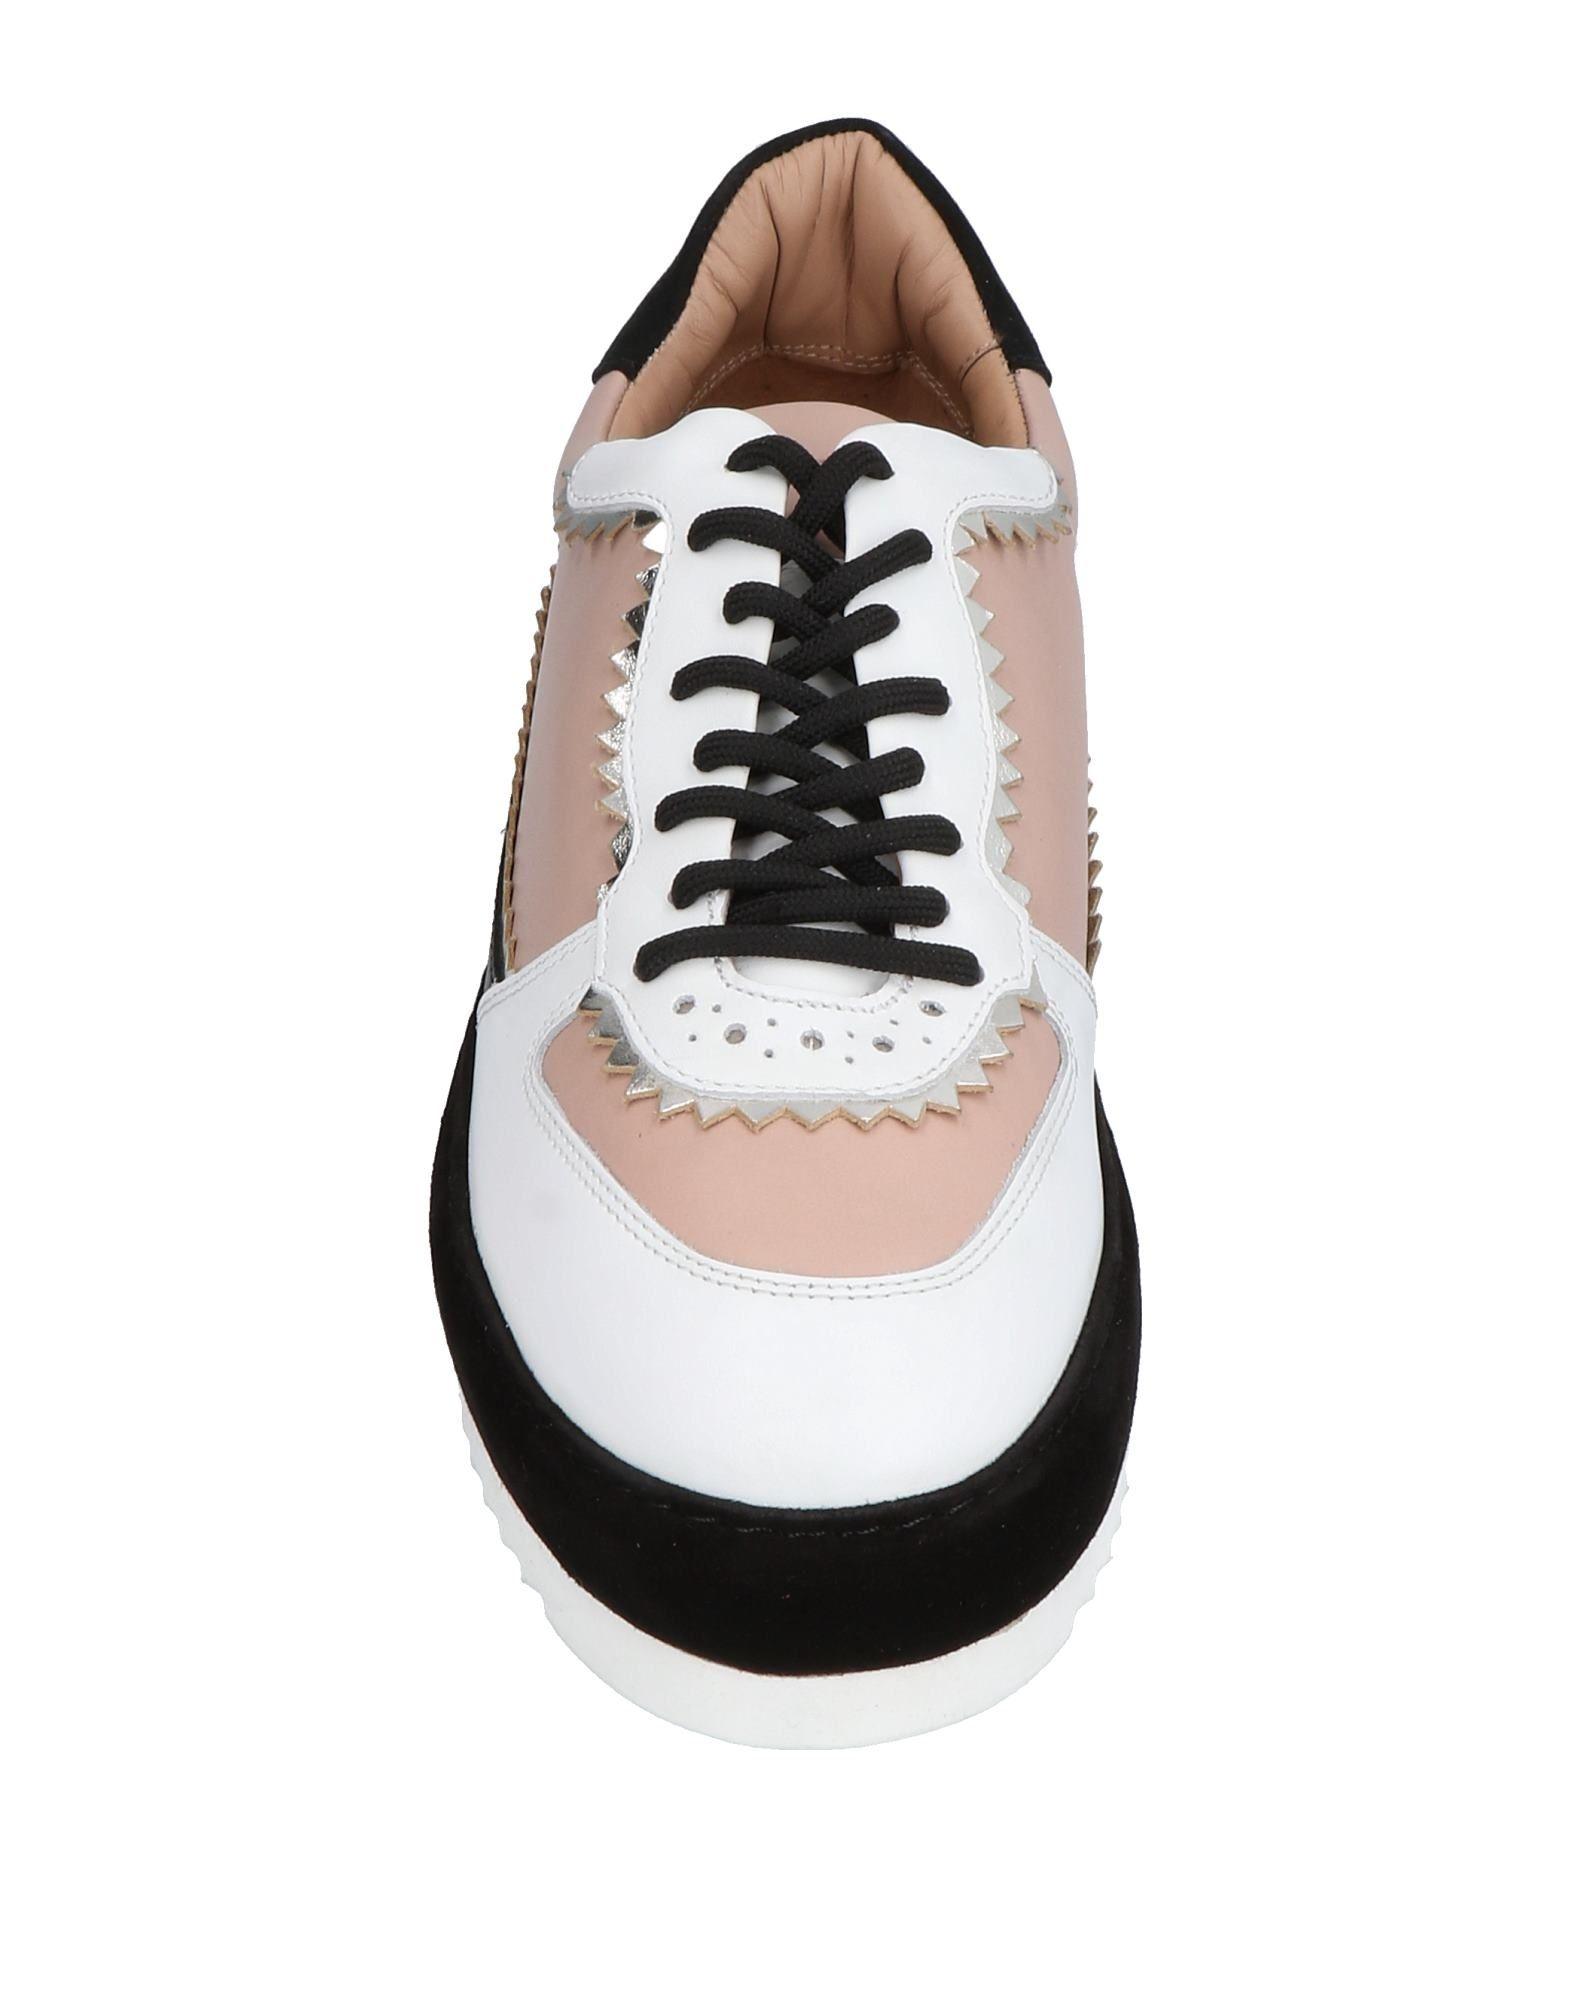 Gut um 11484889LJ billige Schuhe zu tragenTwin 11484889LJ um 0213a7